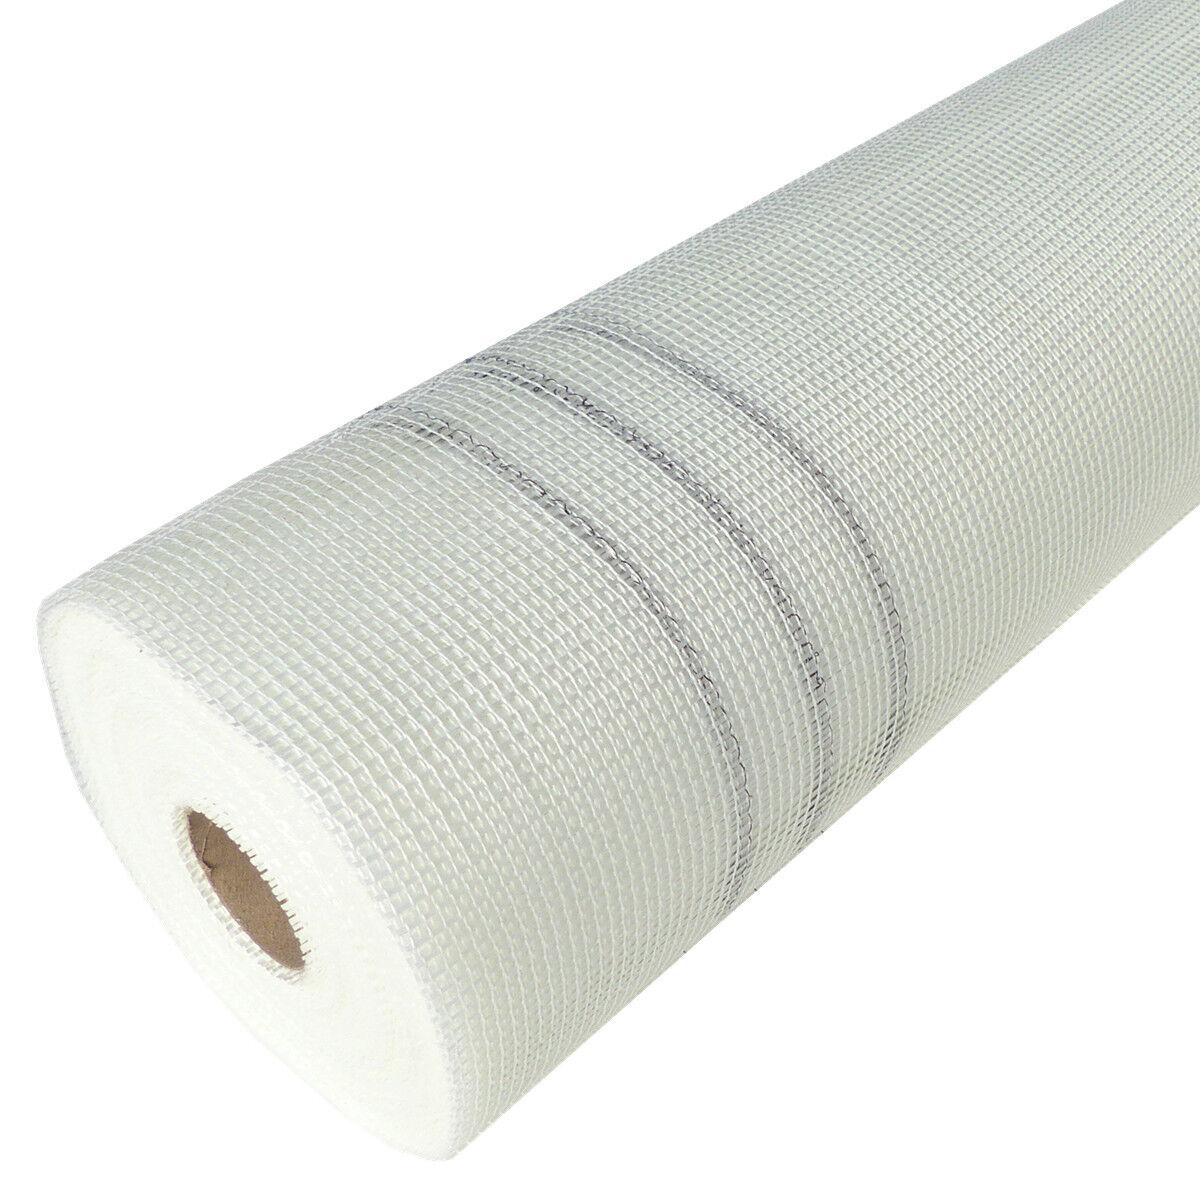 Putzgewebe 100m² Armierungsgewebe ca.165g m² Glasfaser 4mmx4mm Fassade   m²